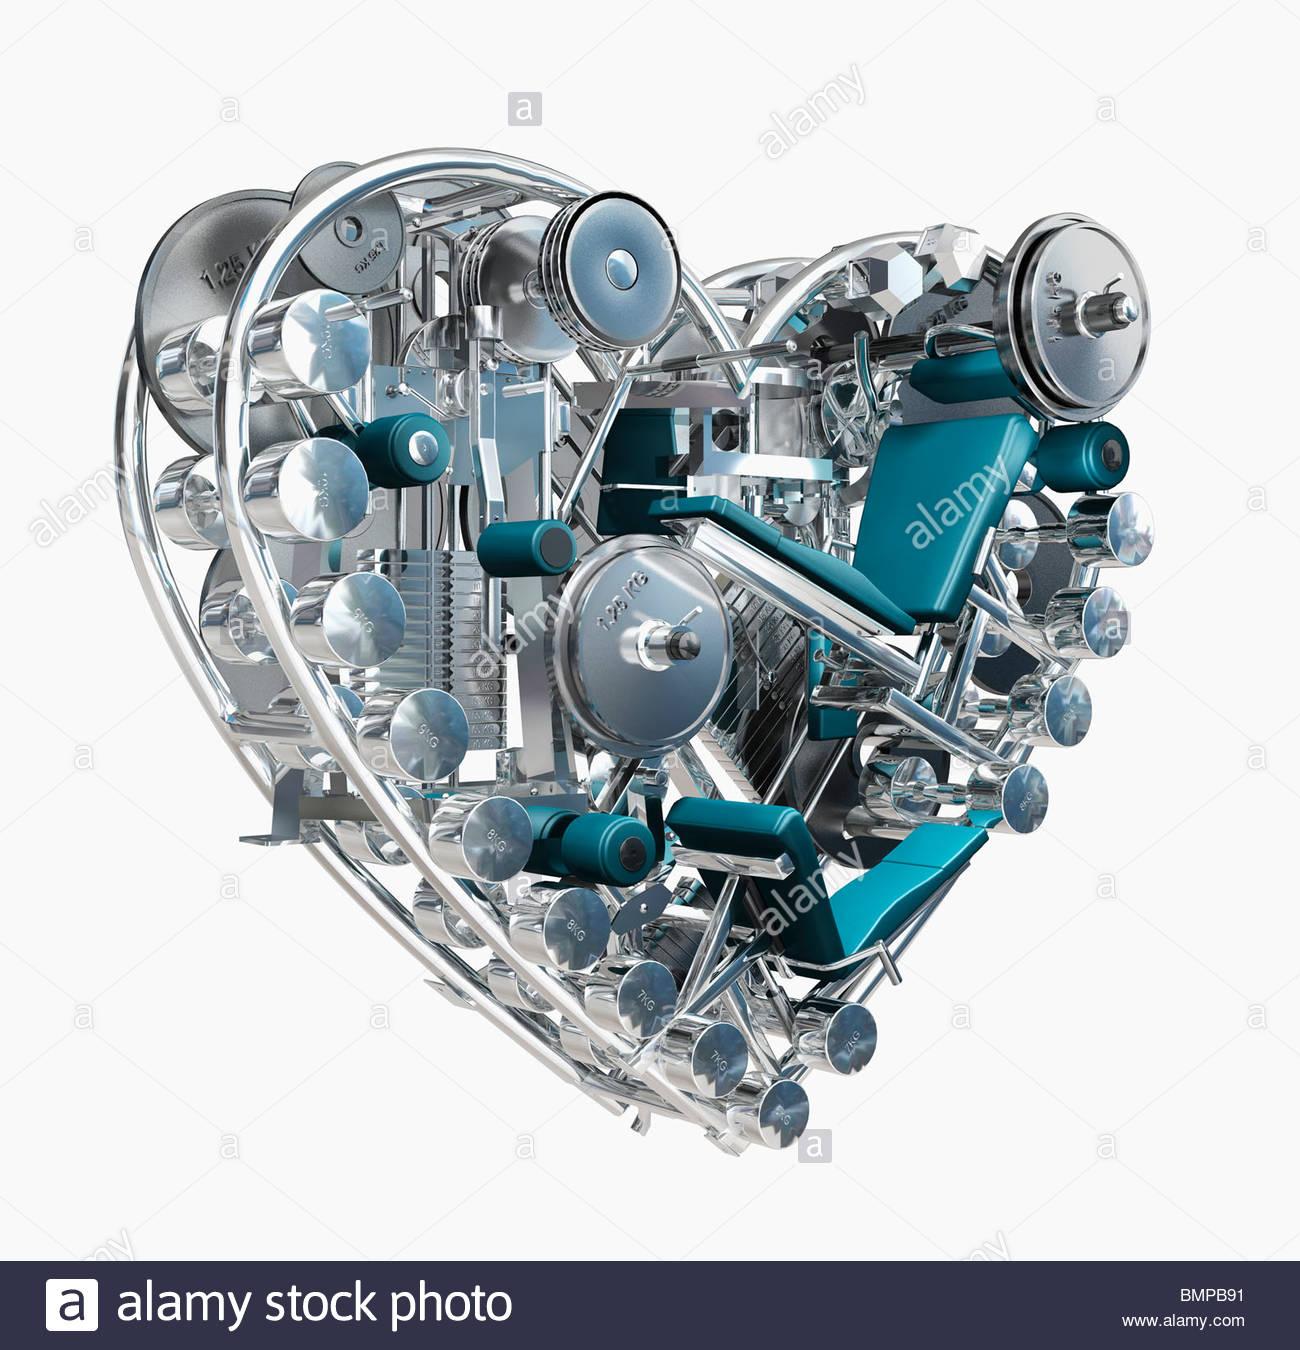 Metal Heart Stock Photos & Metal Heart Stock Images - Alamy